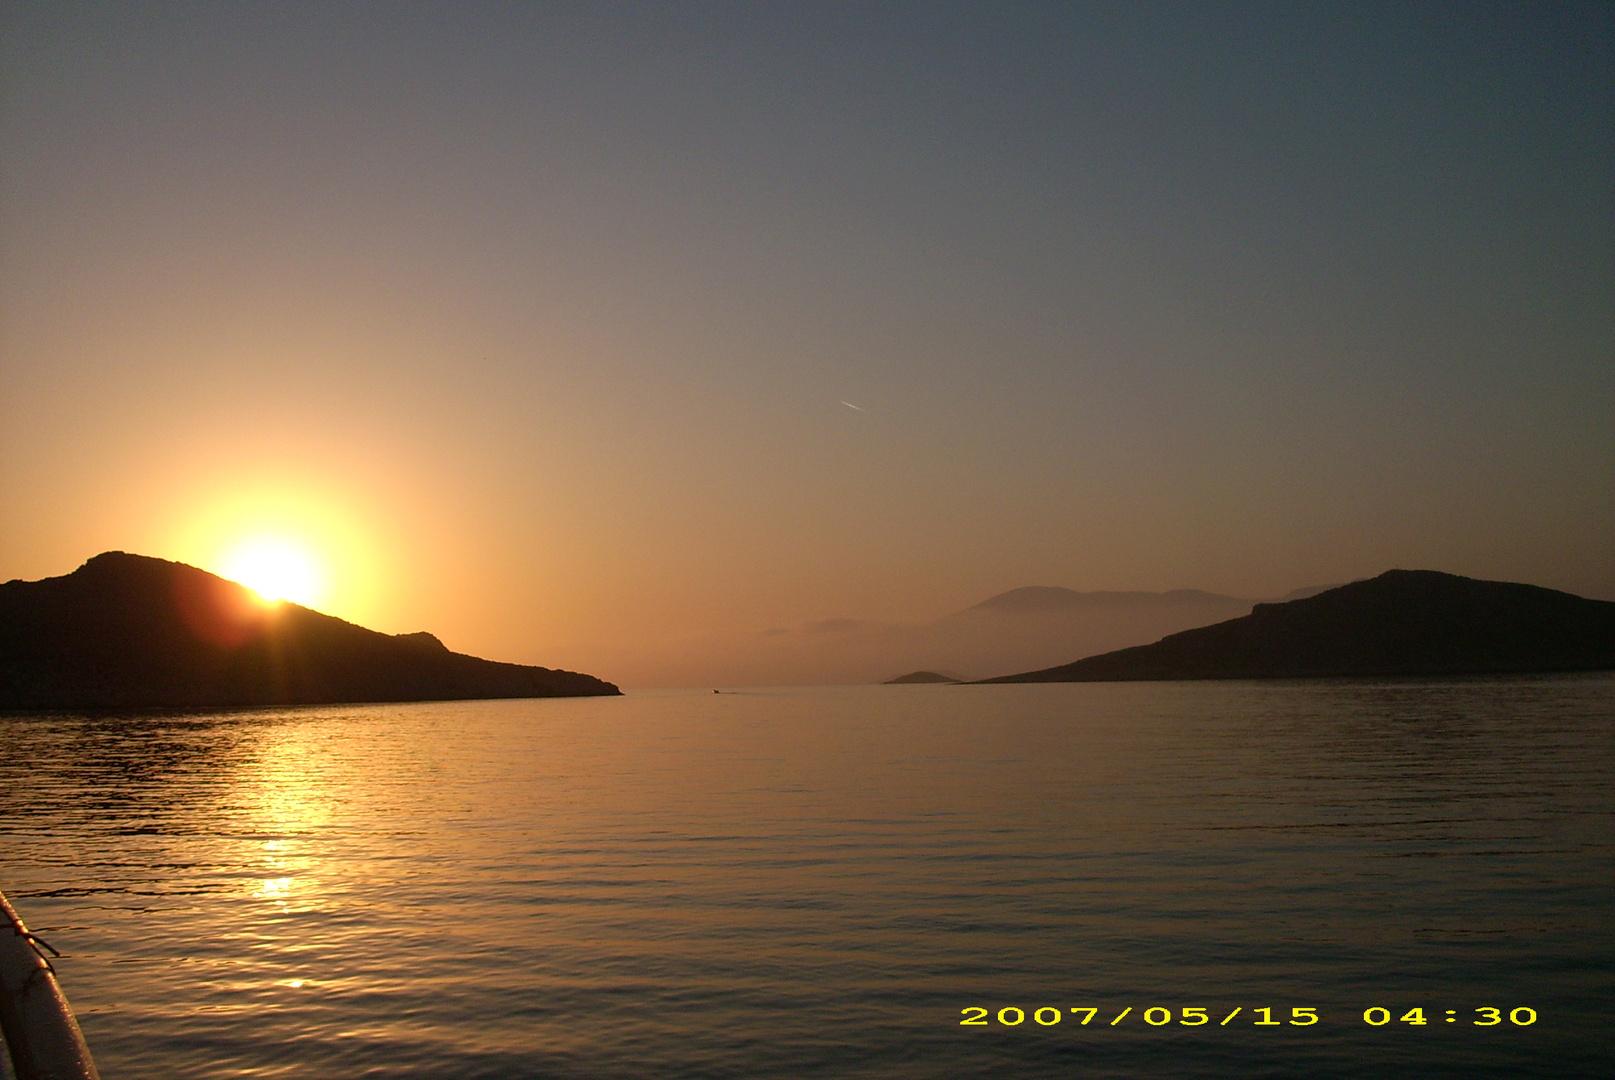 griechischer Sonnenaufgang auf einem Motorsegler